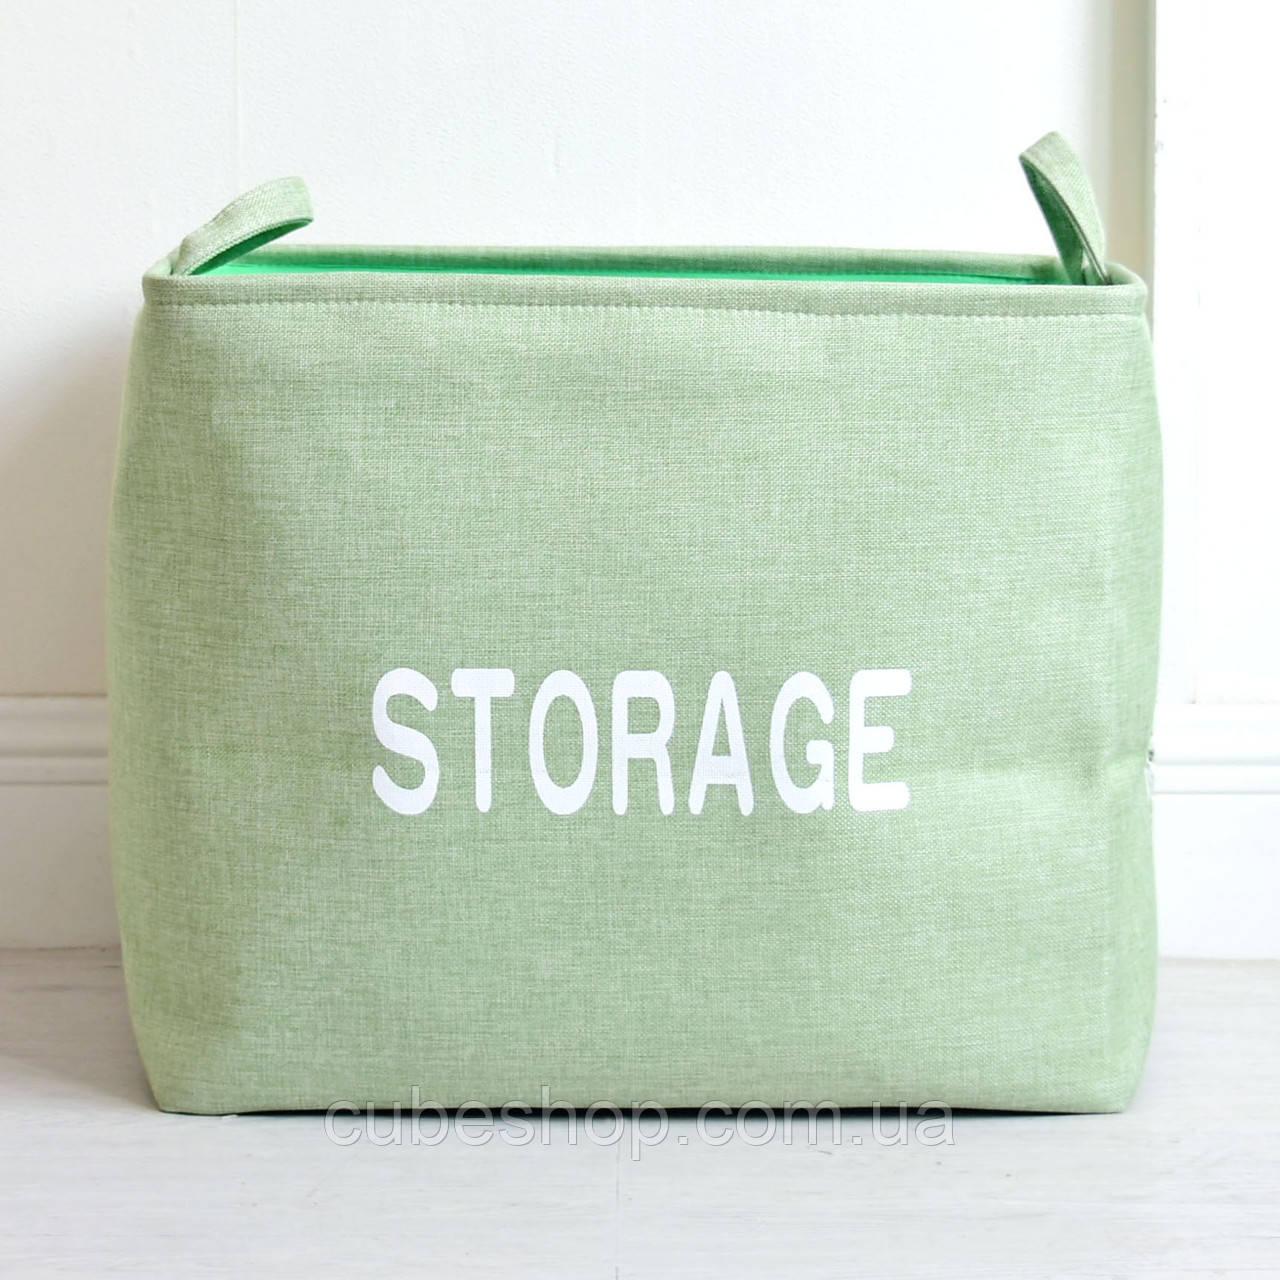 Корзина для вещей и игрушек Storage (зеленая)